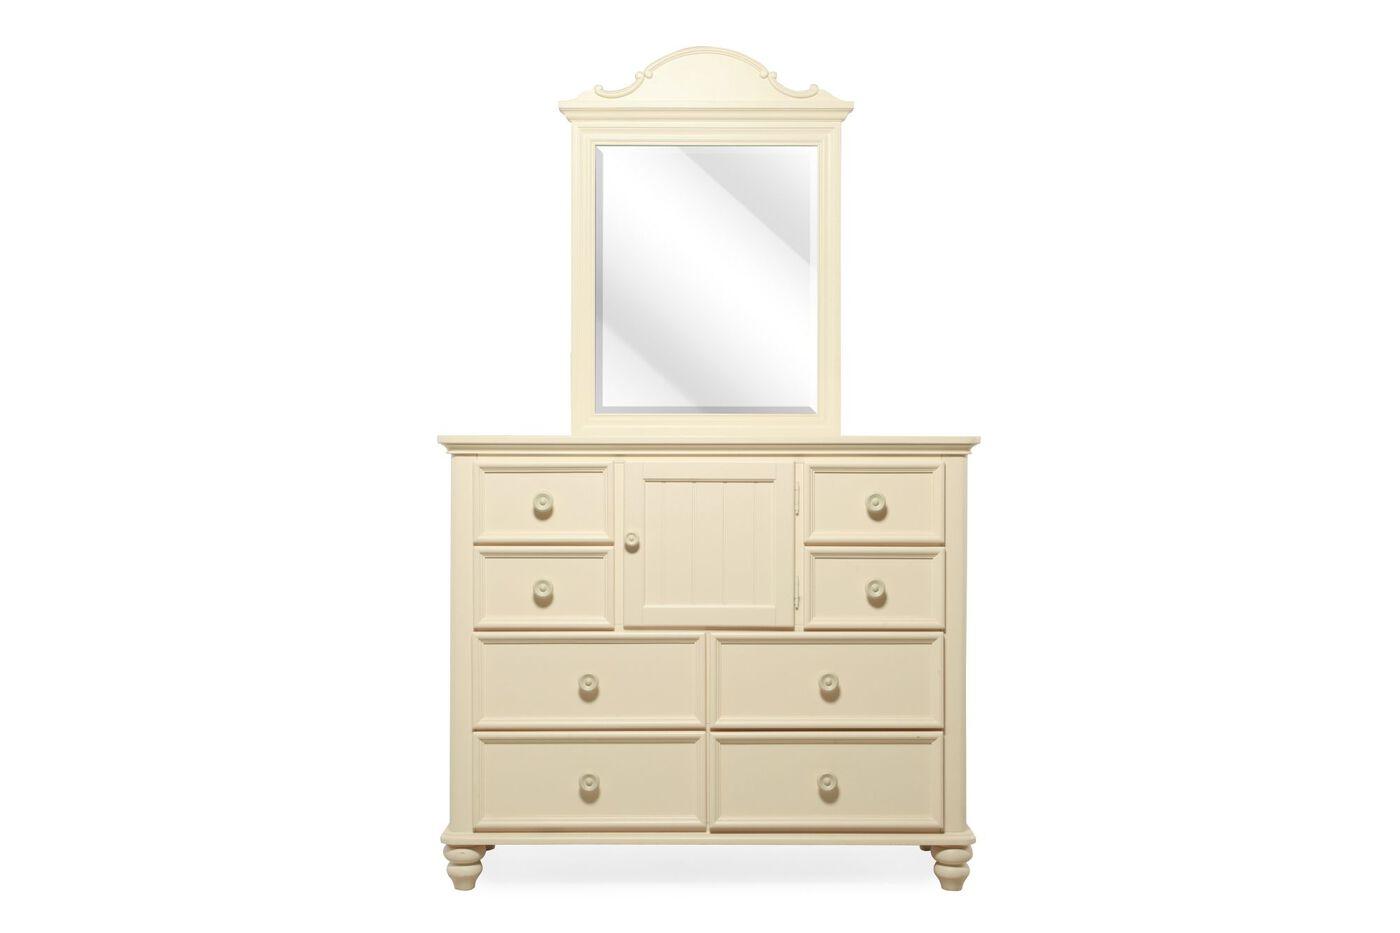 Single Dresser With Mirror Bestdressers 2017